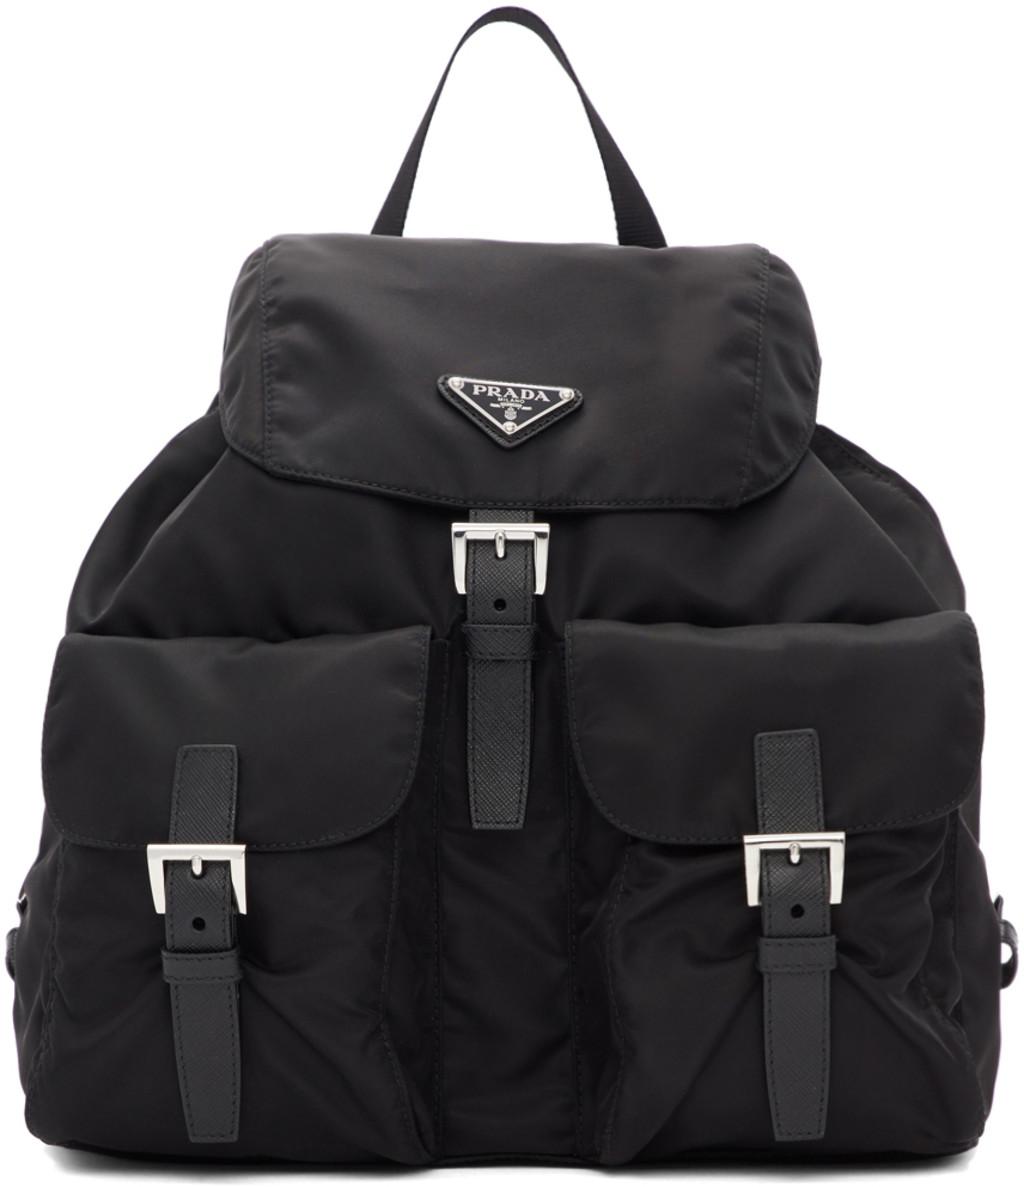 c33859c48dc14 Prada bags for Women